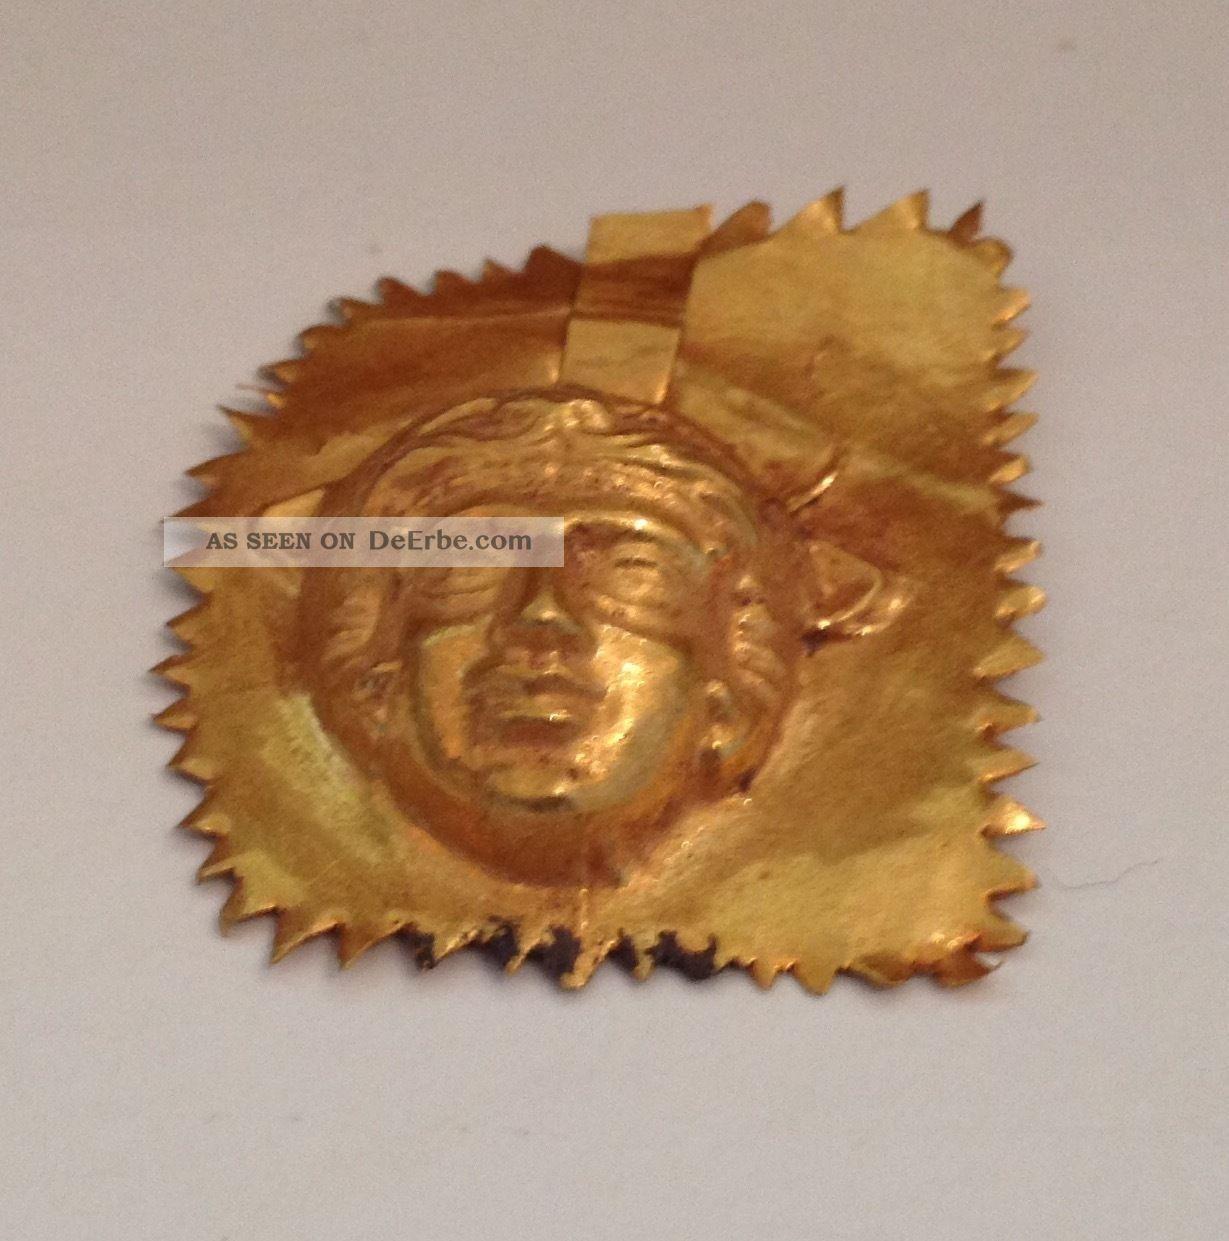 Makedonisch - Griechische Goldmaske,  Goldblech,  Matrize,  Abdruck,  Echtgold Antike Bild